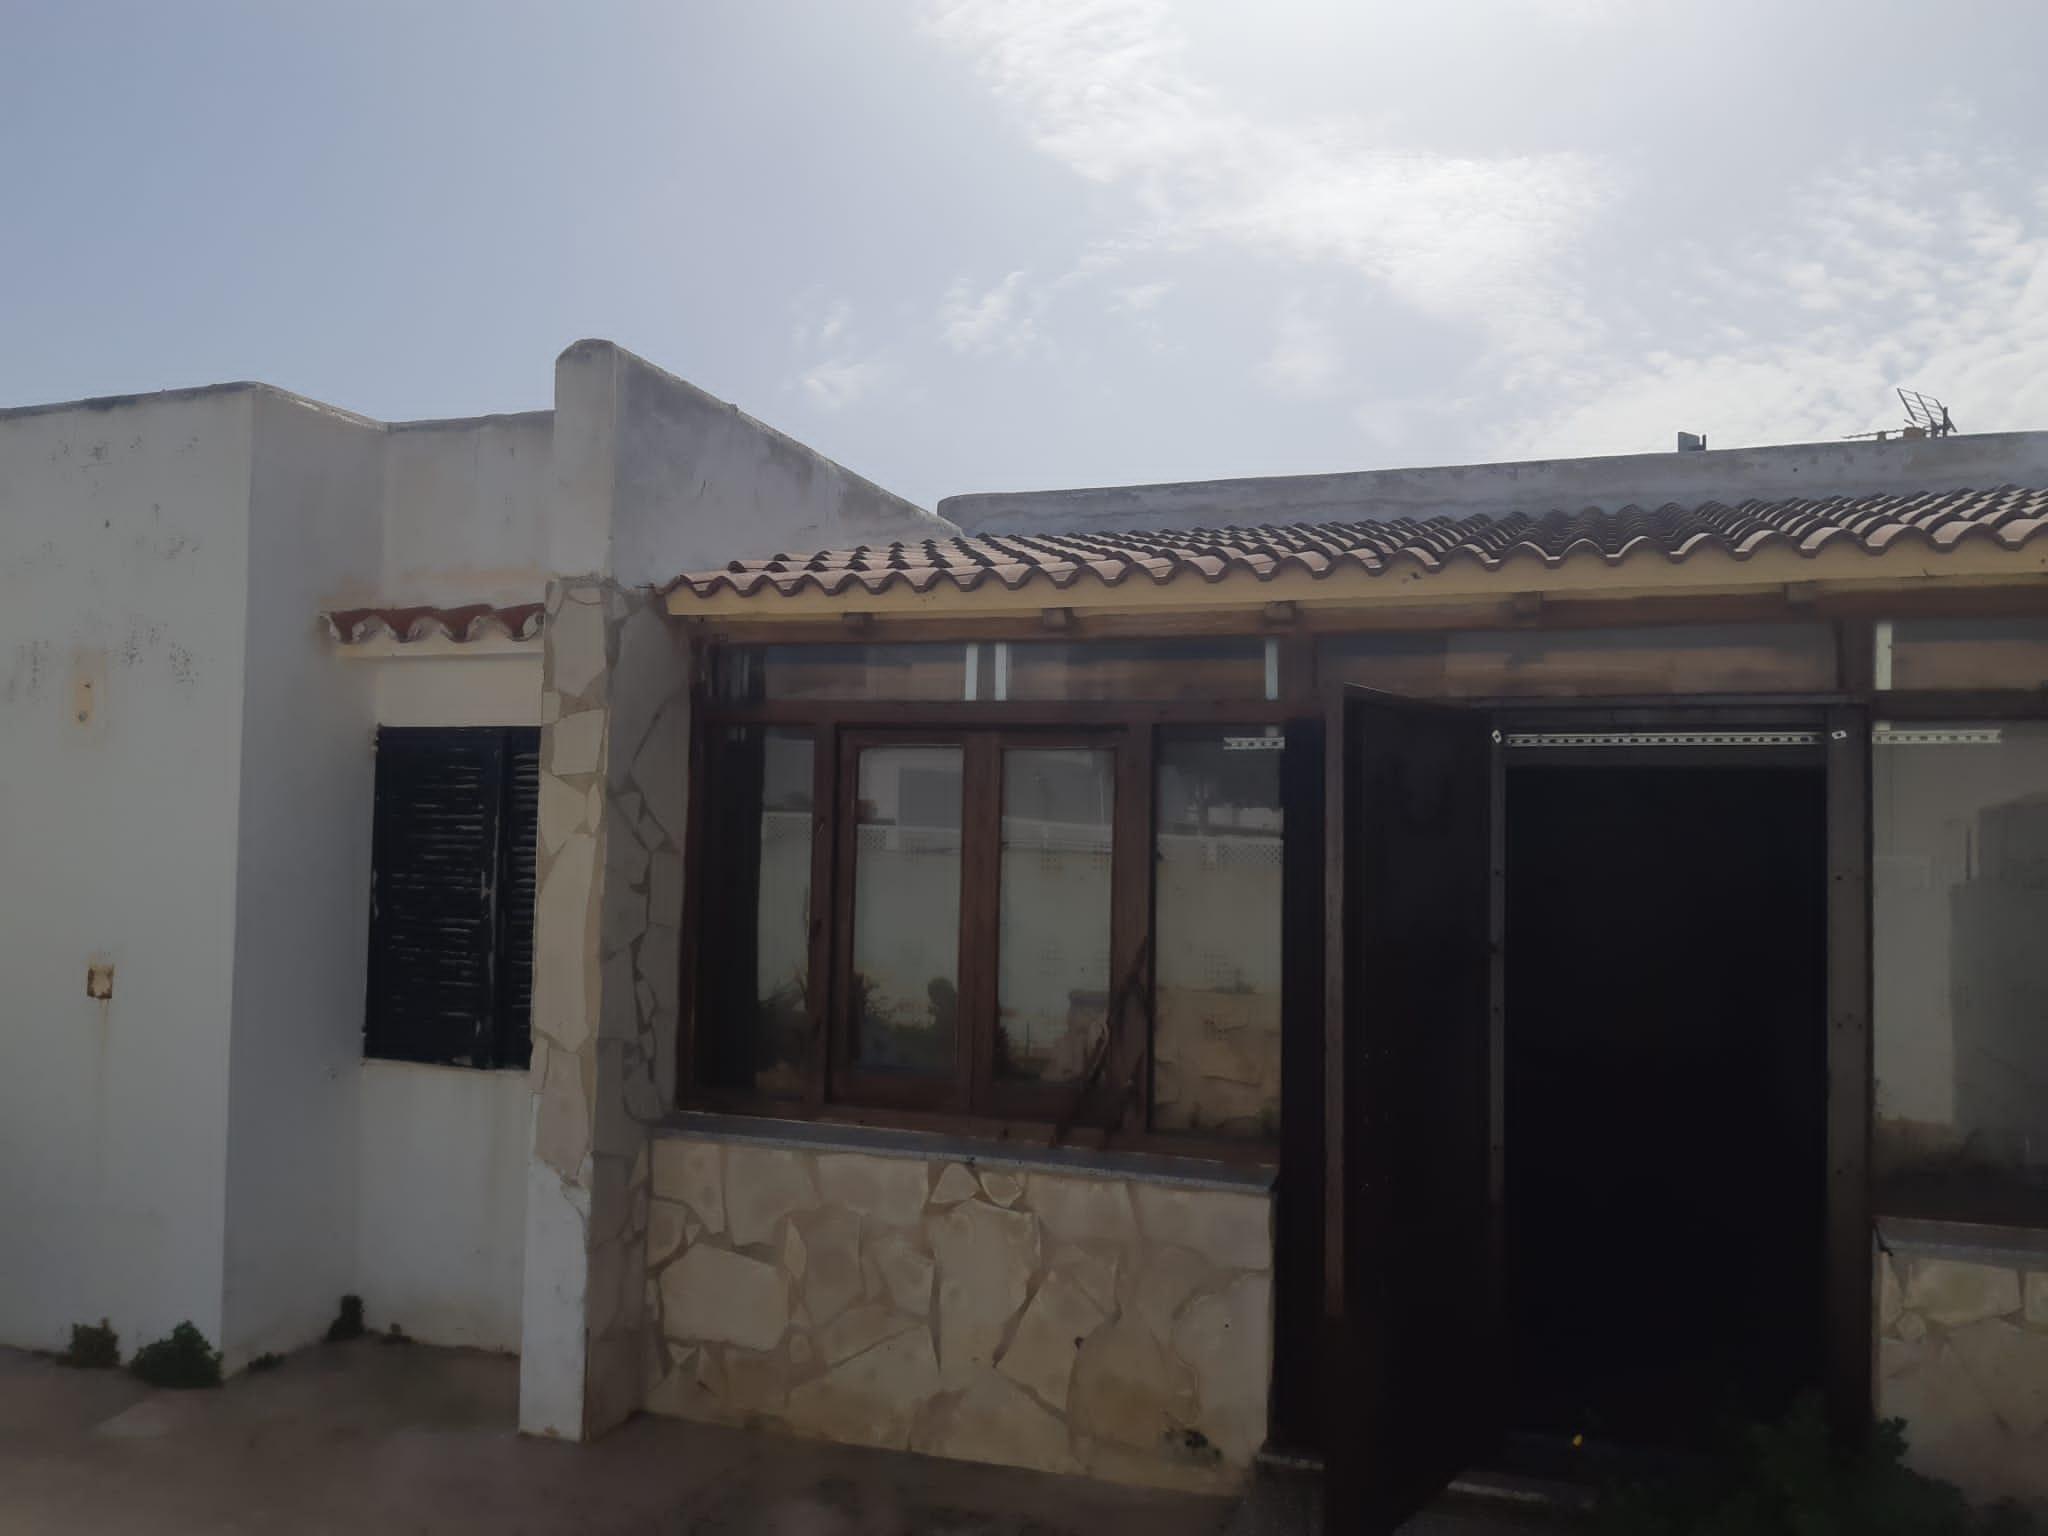 Piso en venta en Ciutadella de Menorca, Baleares, Calle Urbanización Poligono Uno, 194.000 €, 3 habitaciones, 1 baño, 70 m2